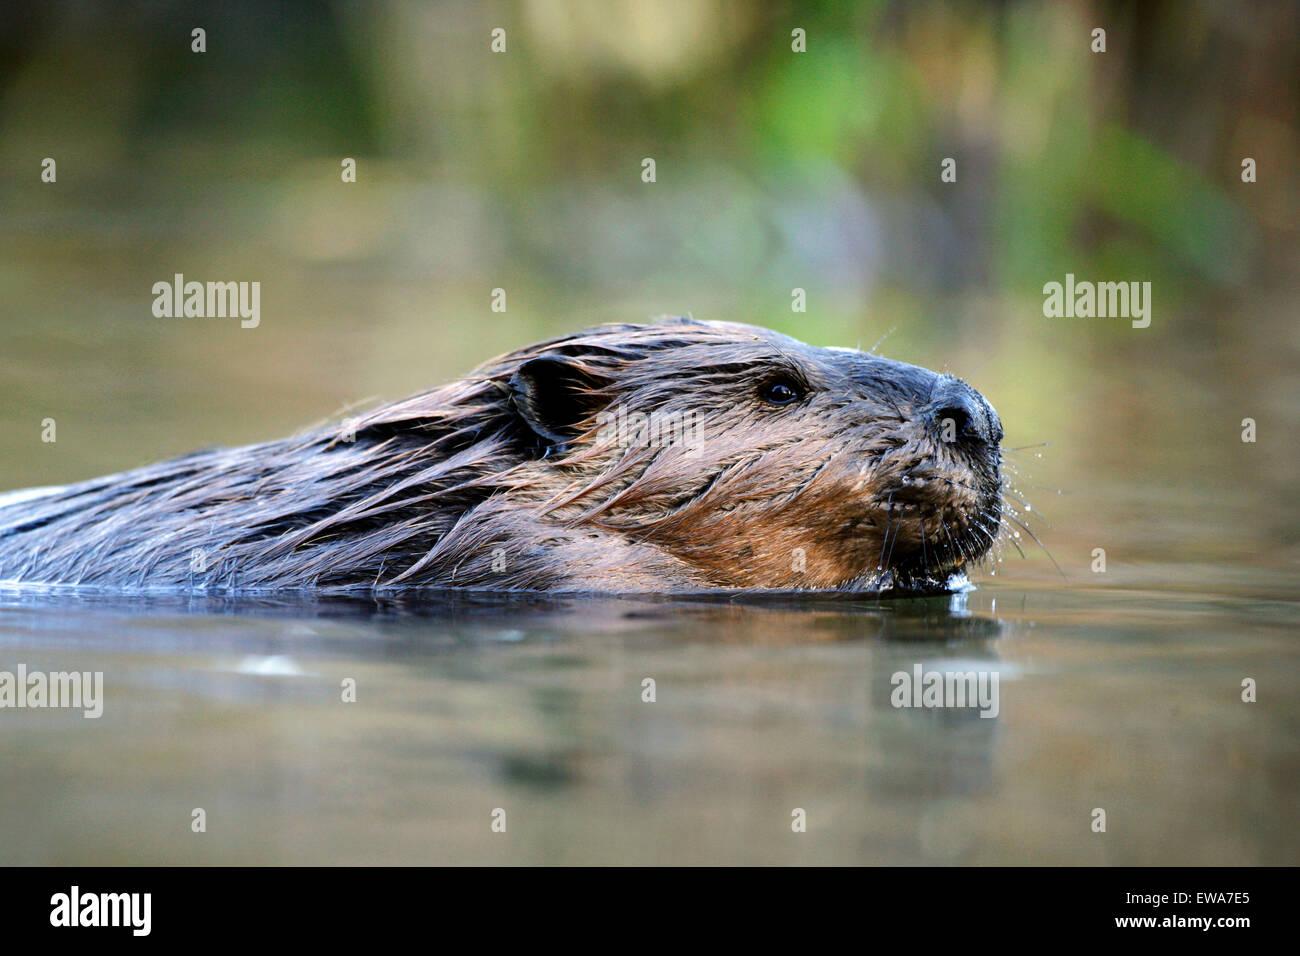 Grande piscine pour adultes à beaver pond, Close up portrait Photo Stock